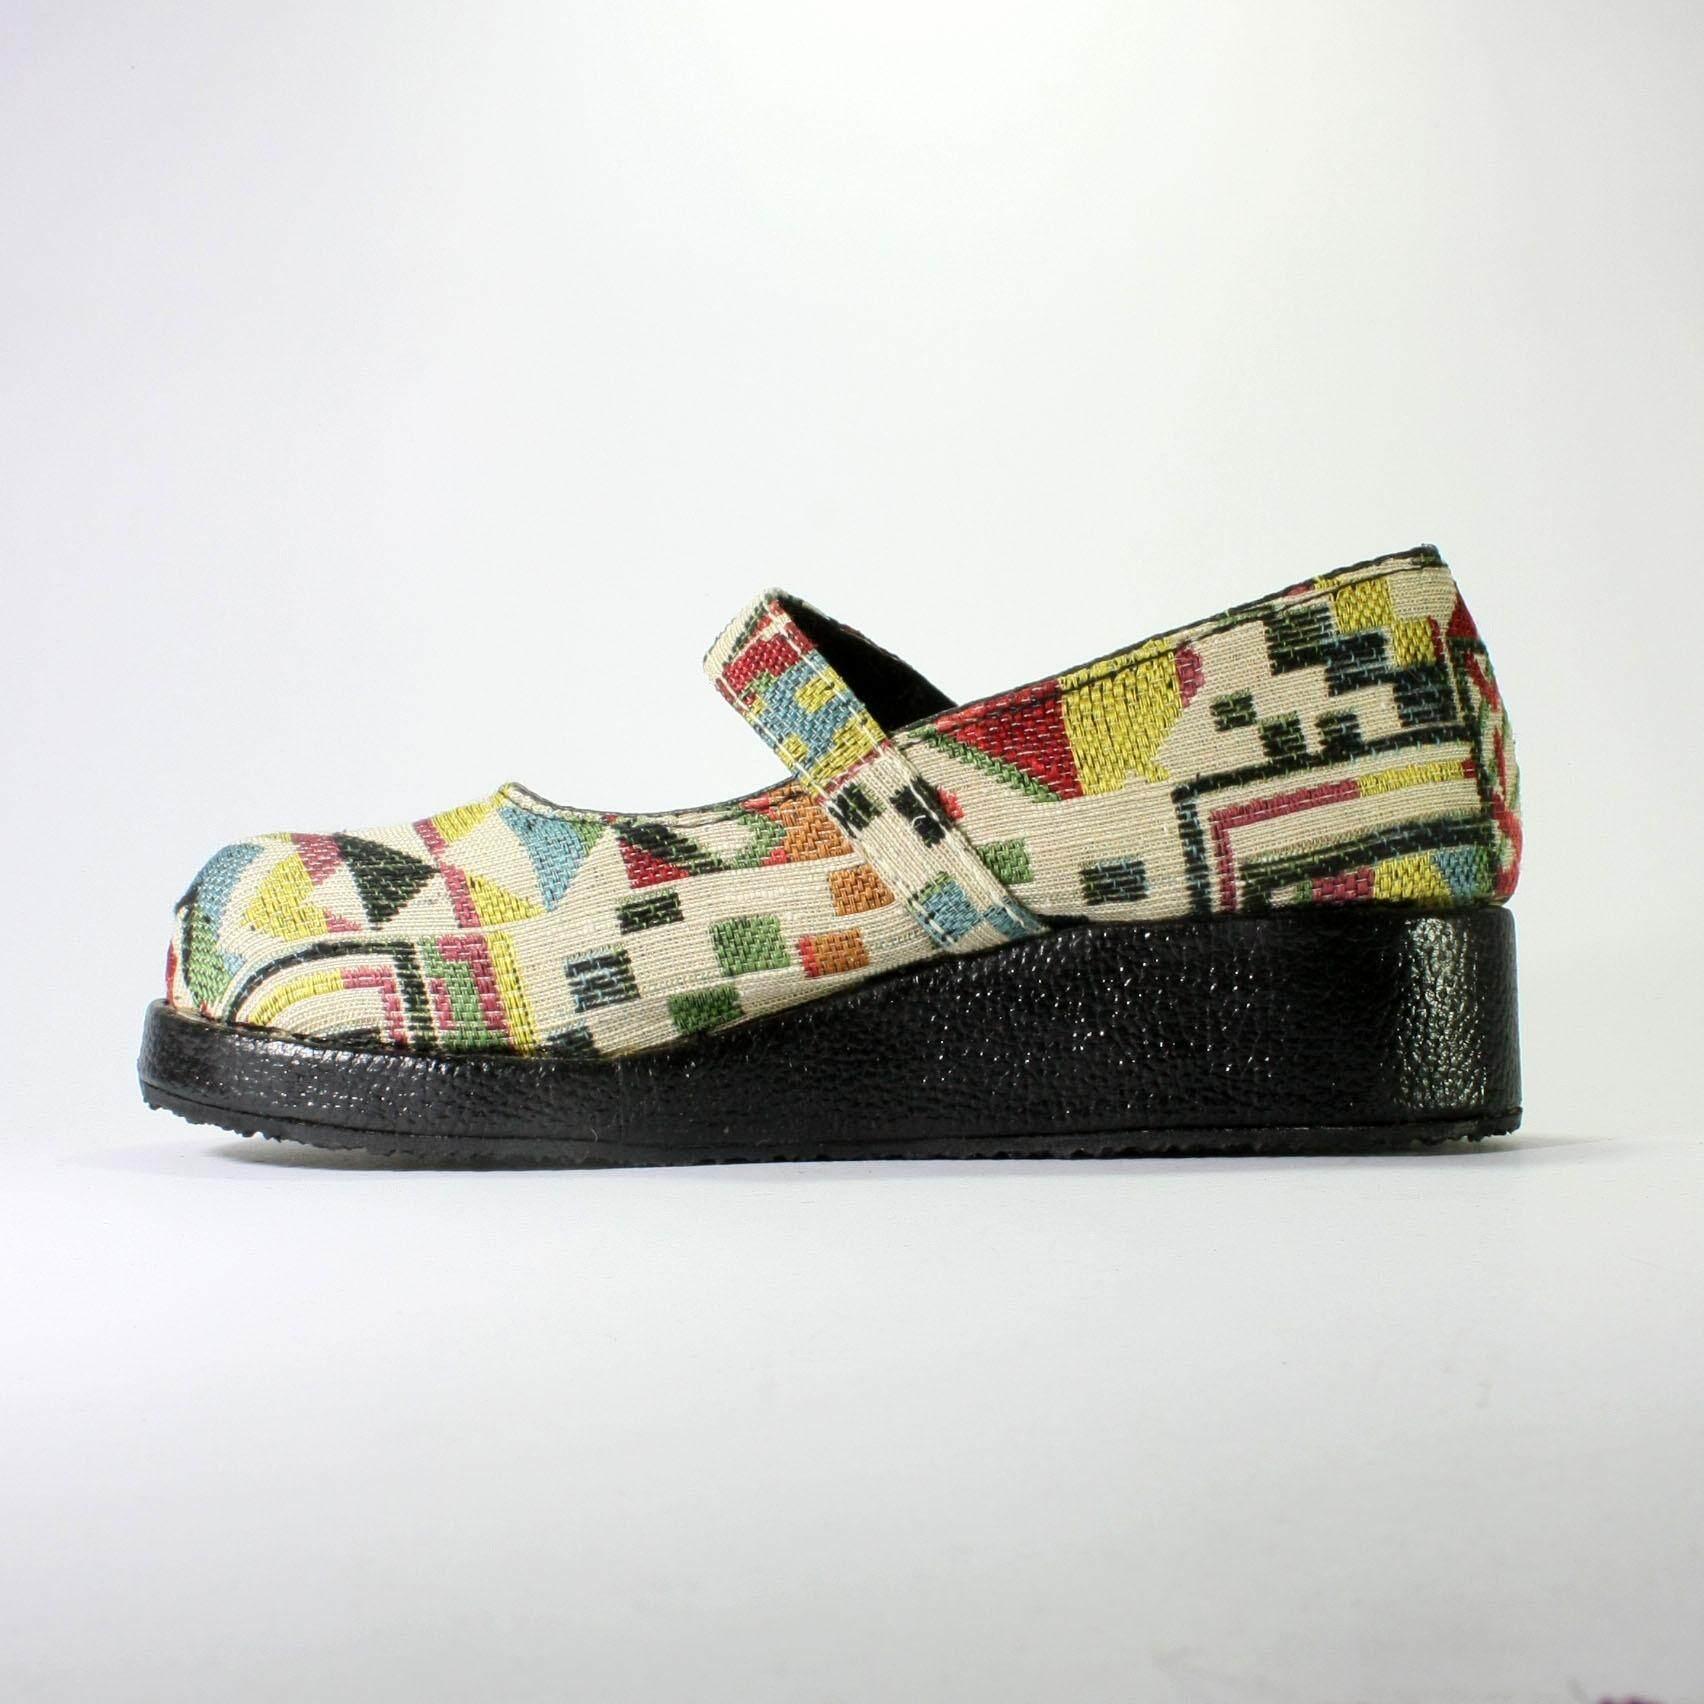 รองเท้าผ้าพื้นเมืองเชียงใหม่เสริมส้นสีดำสายคาดหน้าเท้าไซค์ปกติ